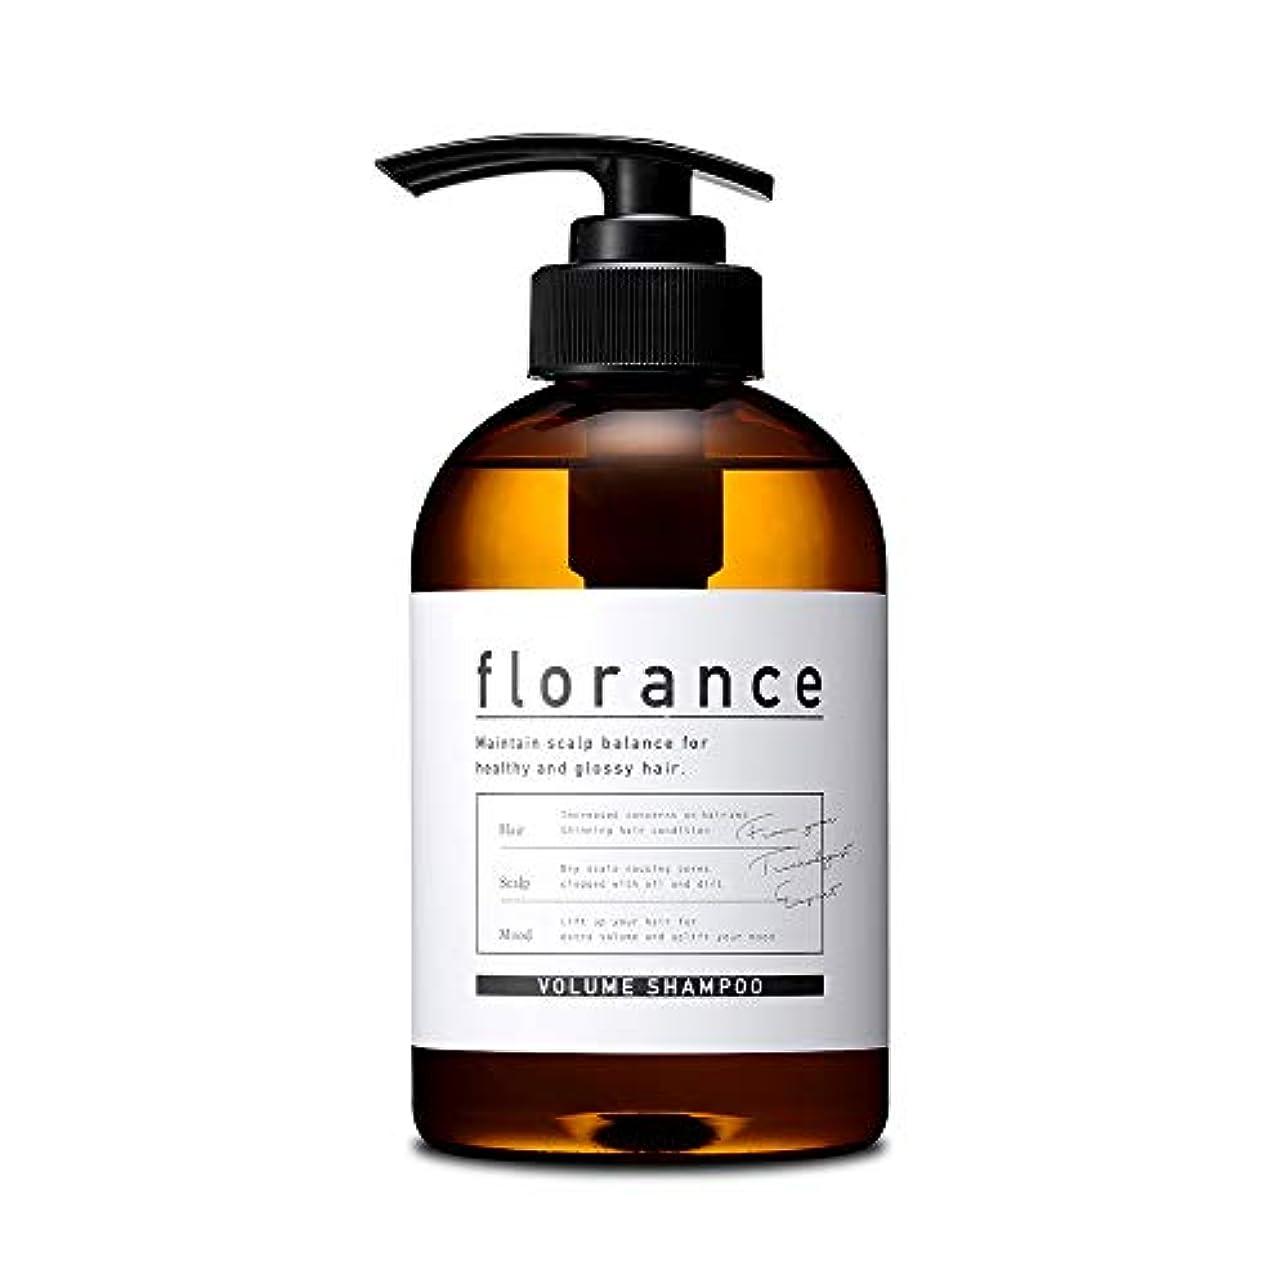 肌寒い例外圧倒的florance(フローランス)ボリュームシャンプー